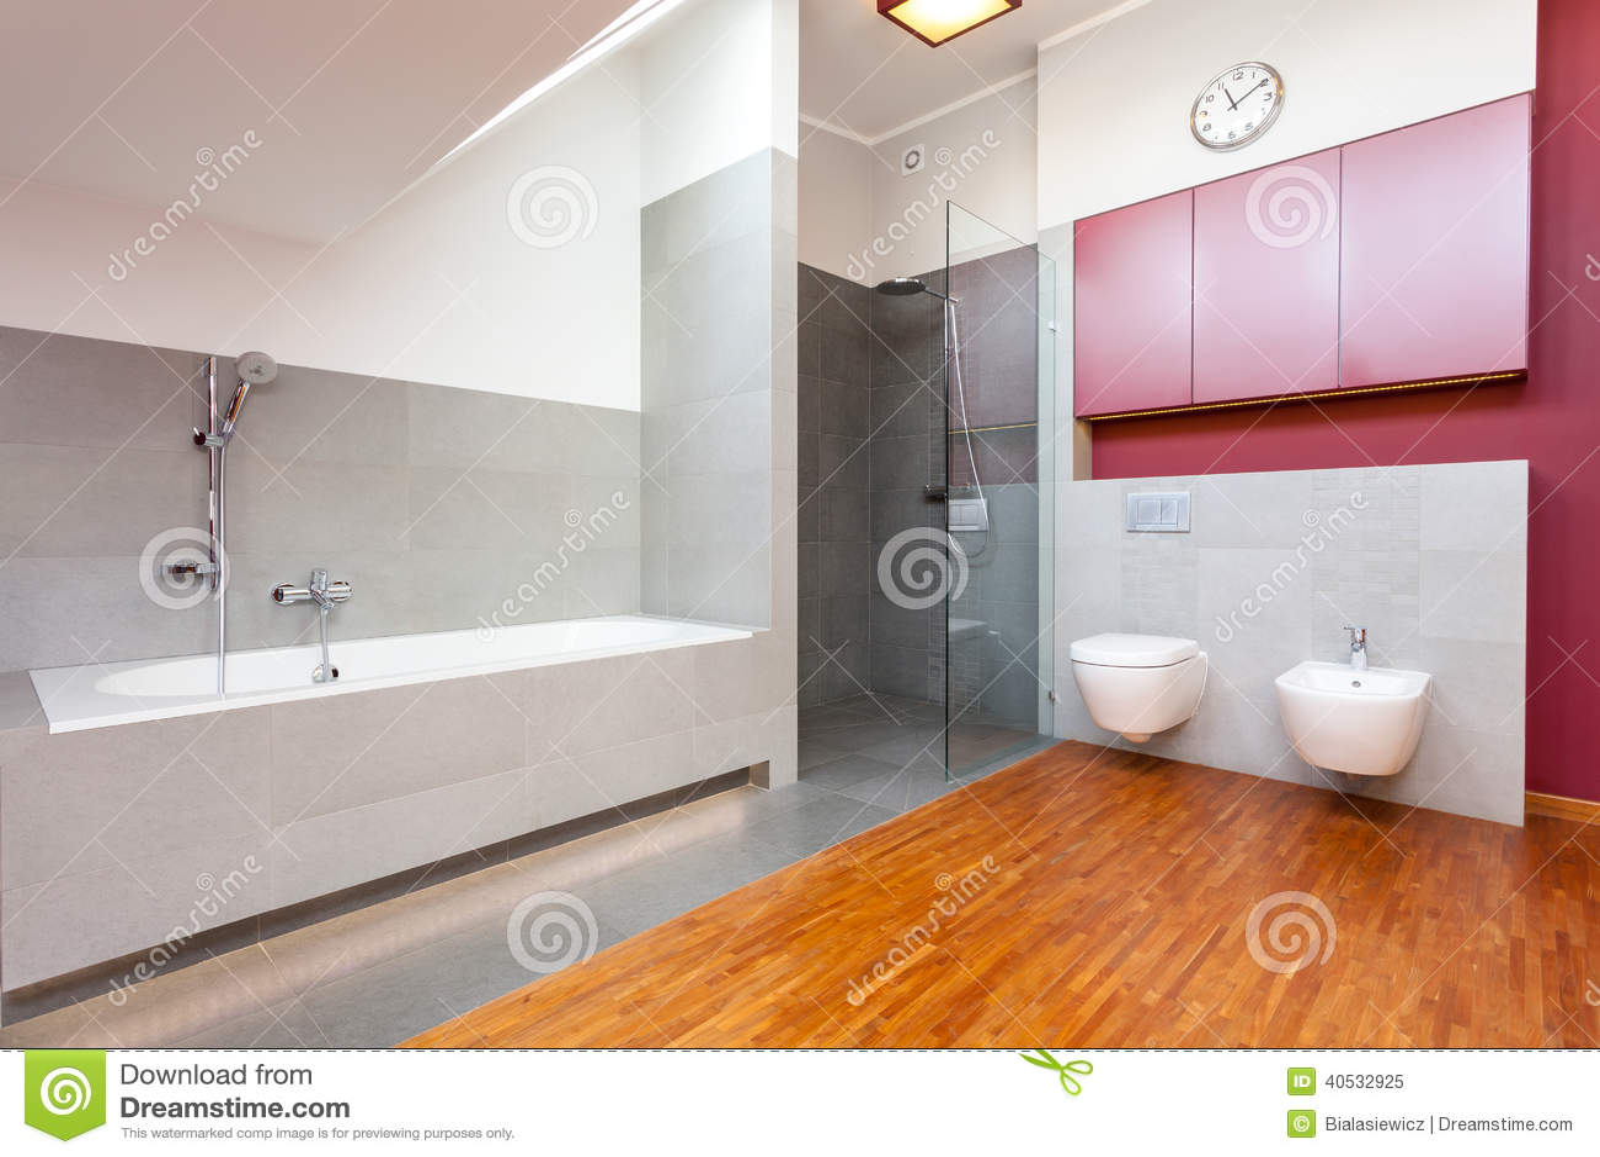 Bagno Moderno Rosso E Grigio Fotografia Stock - Immagine ...